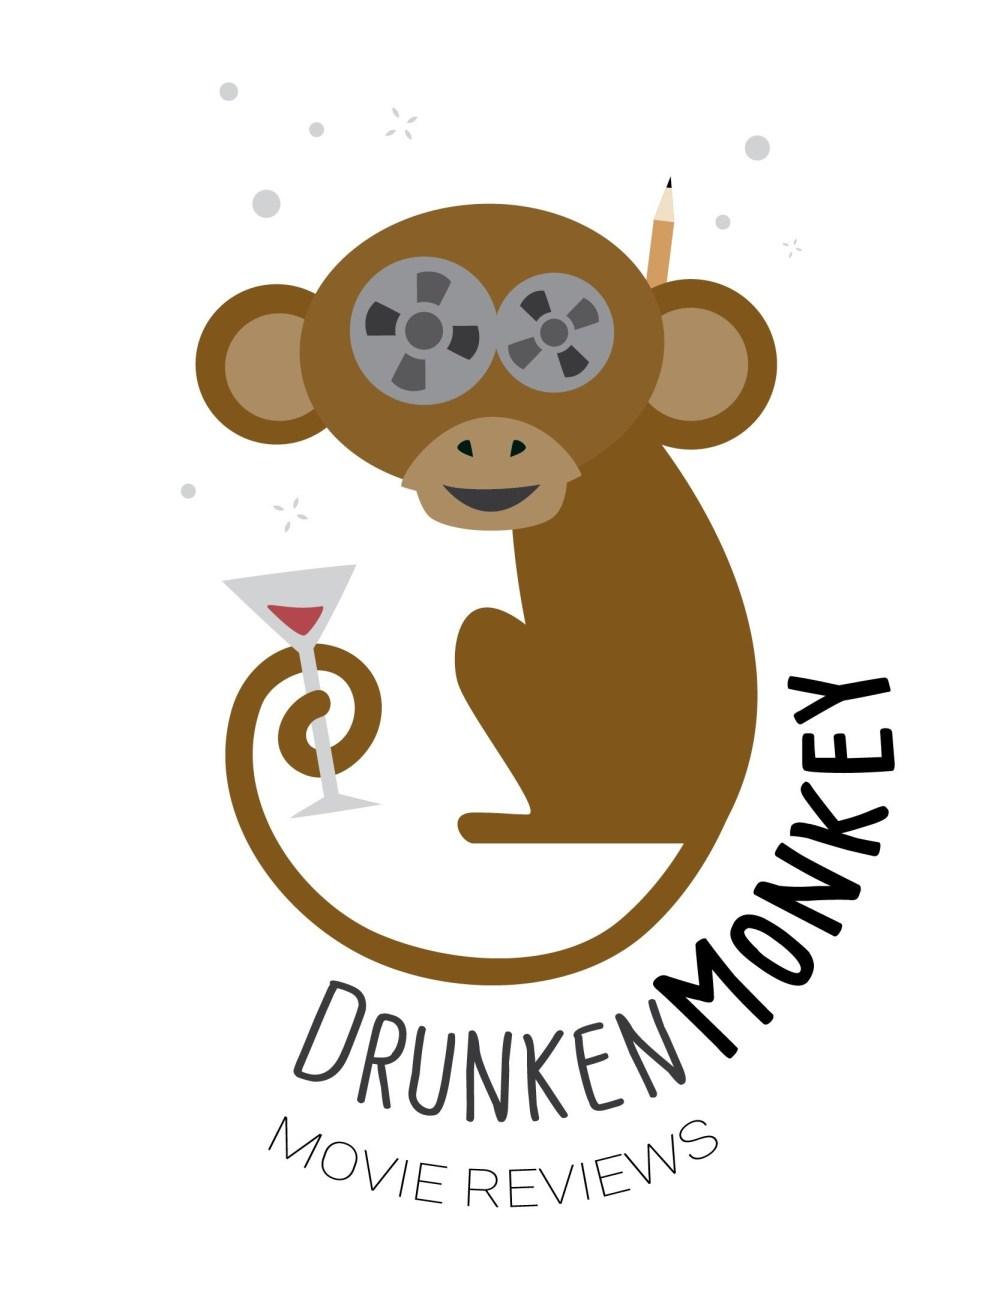 medium resolution of drunken